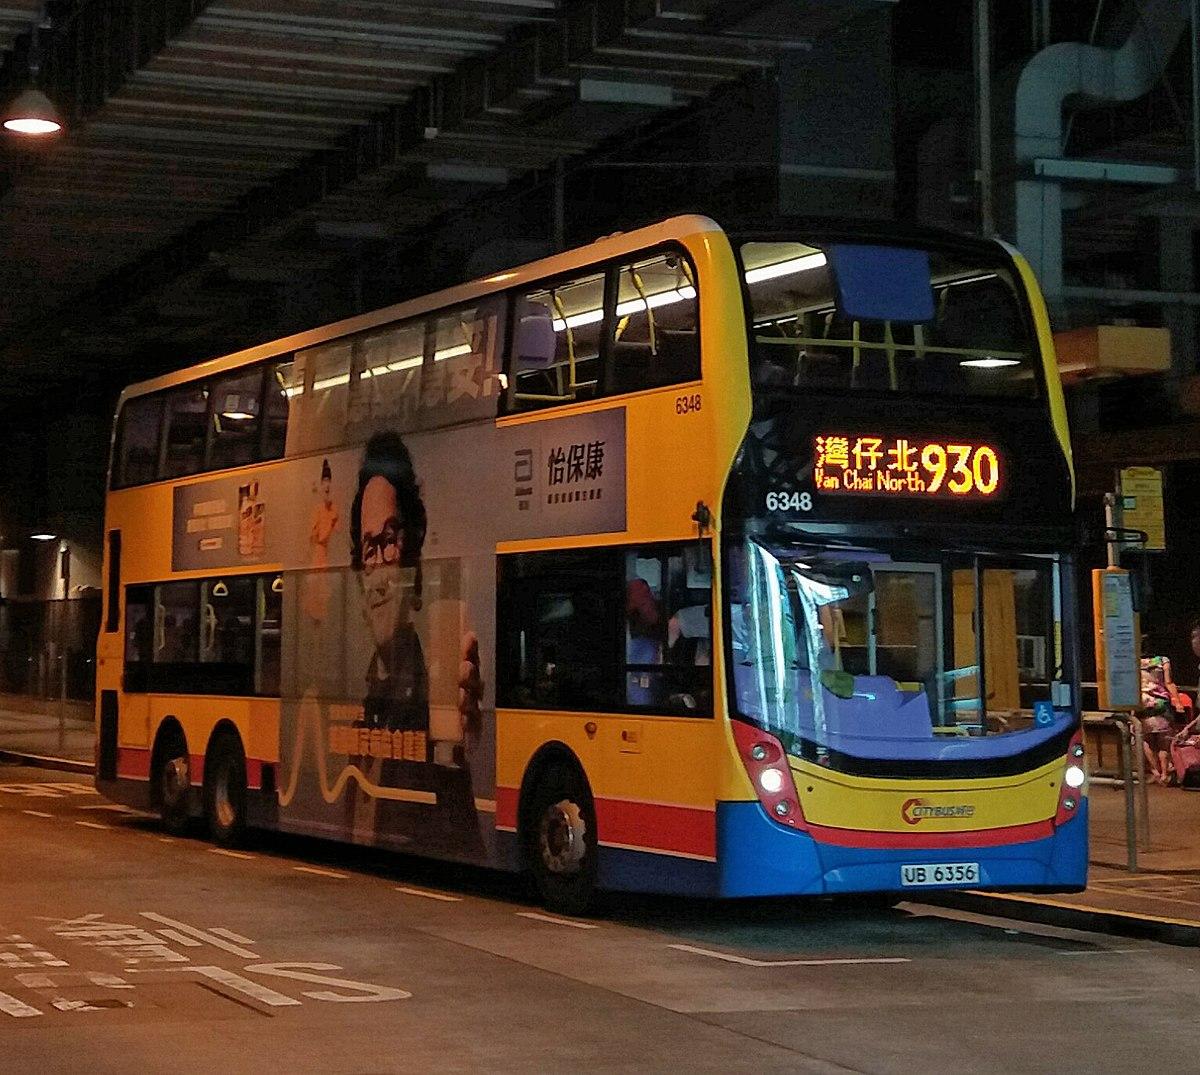 過海隧道巴士930線 - 維基百科,巴士駛至柴灣巴士廠後,自由的百科全書